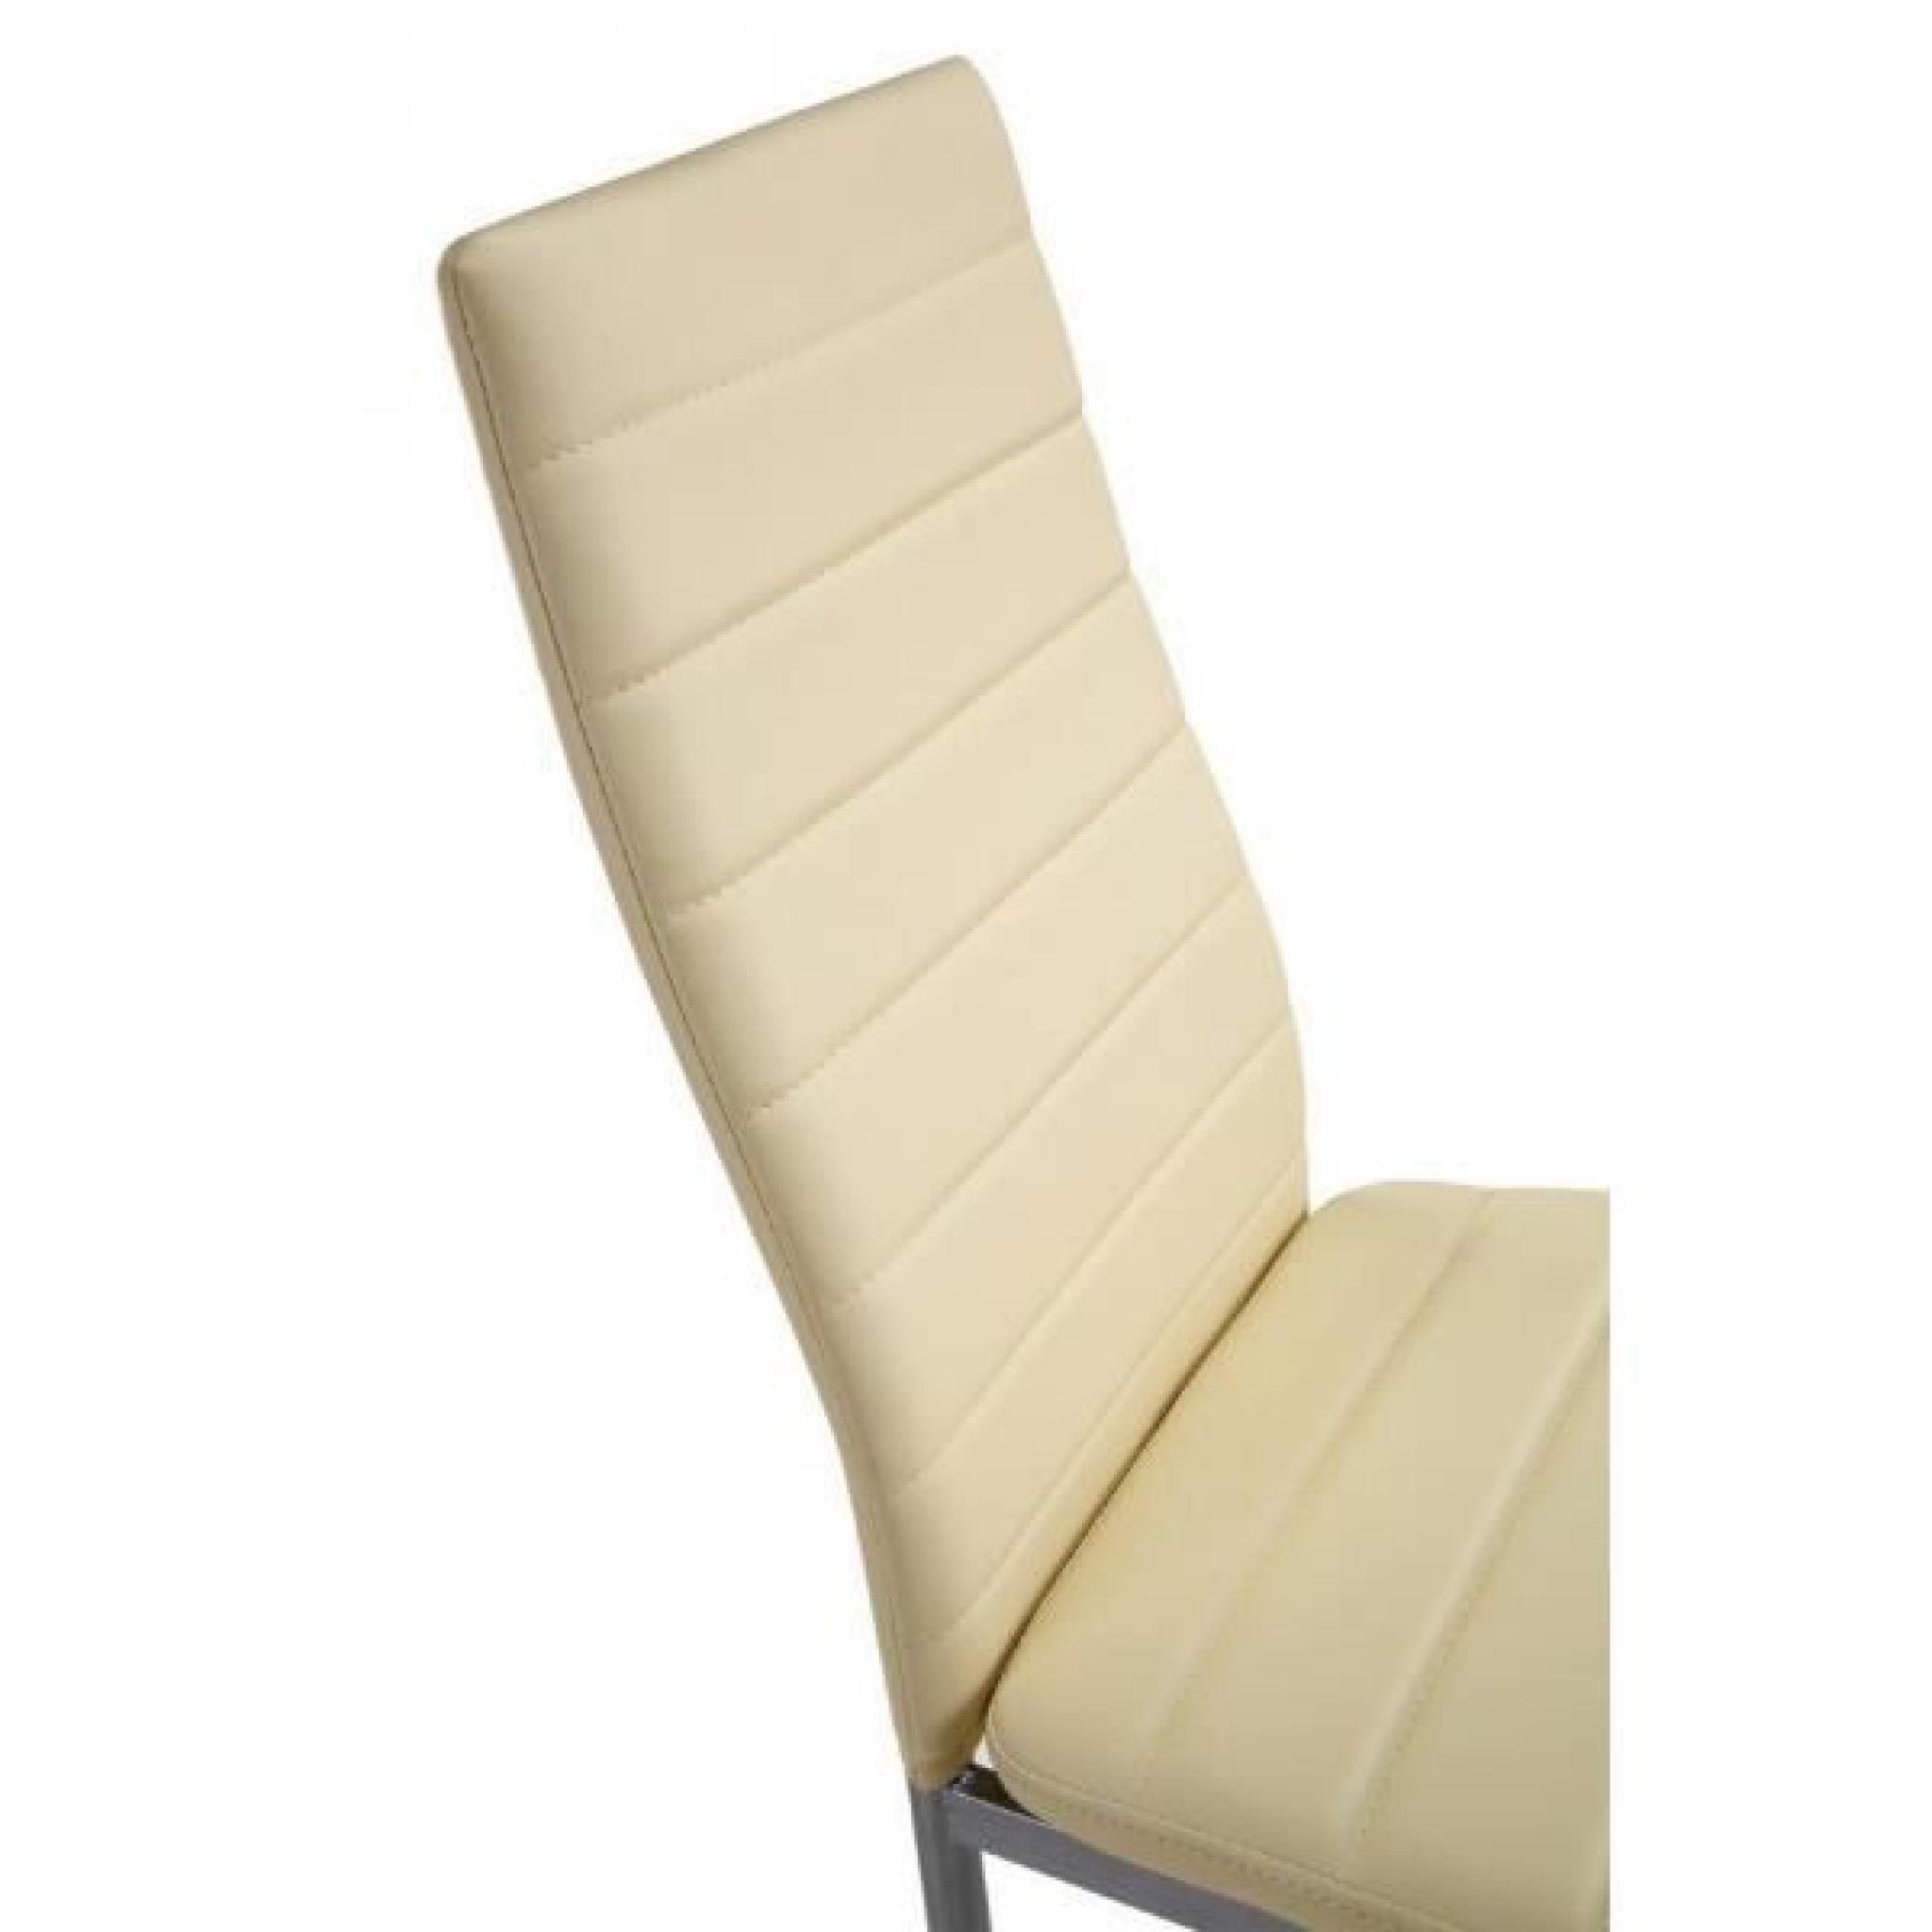 Lot de 4 Chaises Beiges ultra-confort - Achat/Vente chaise ...